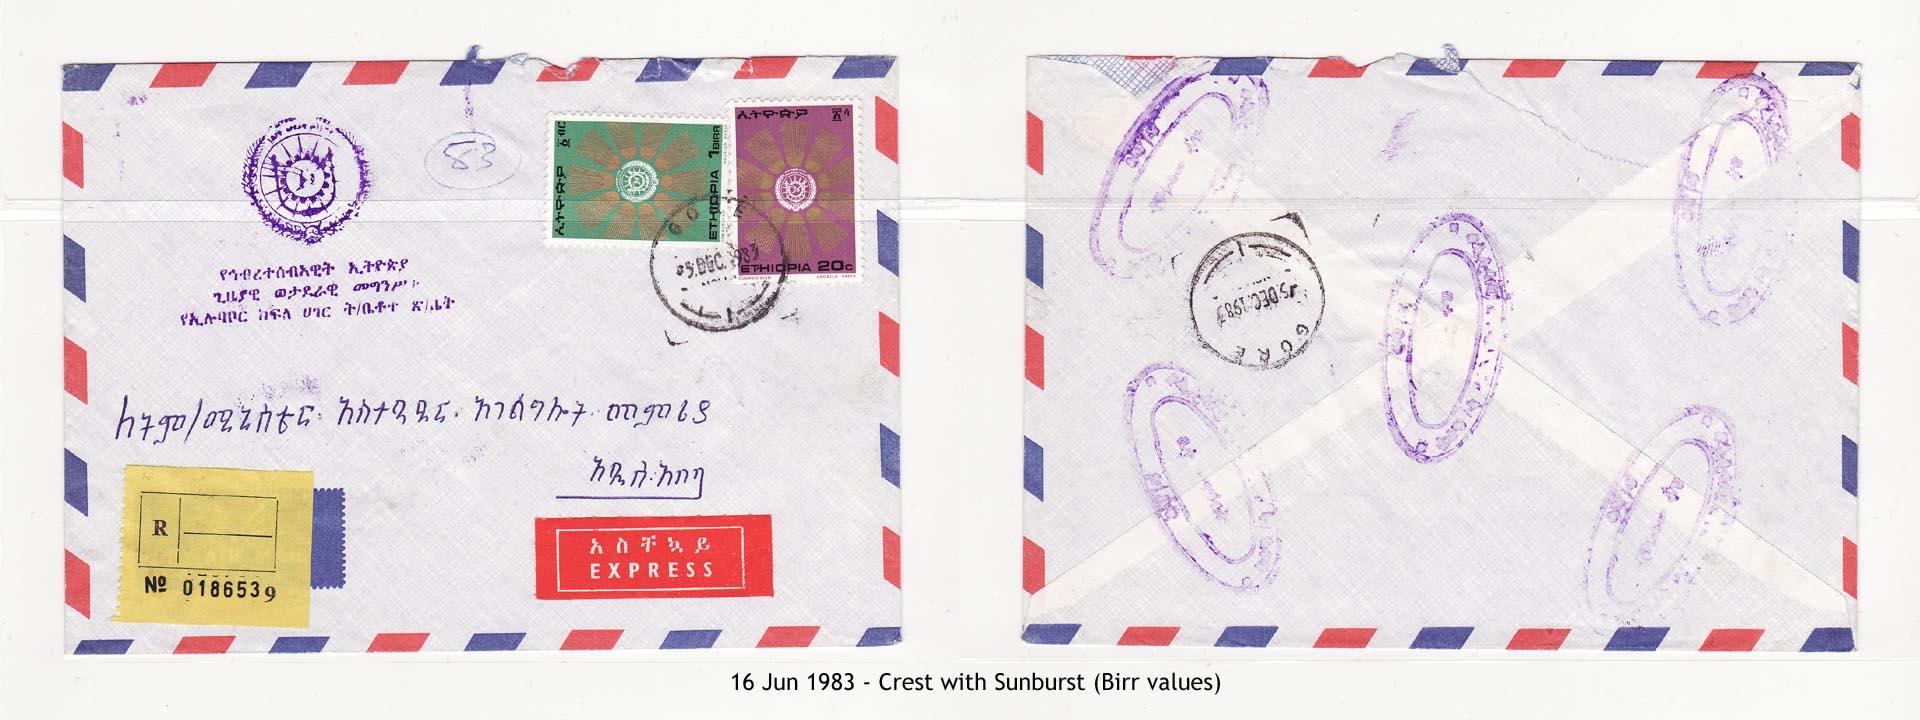 19830616 - Crest with Sunburst (Birr values)